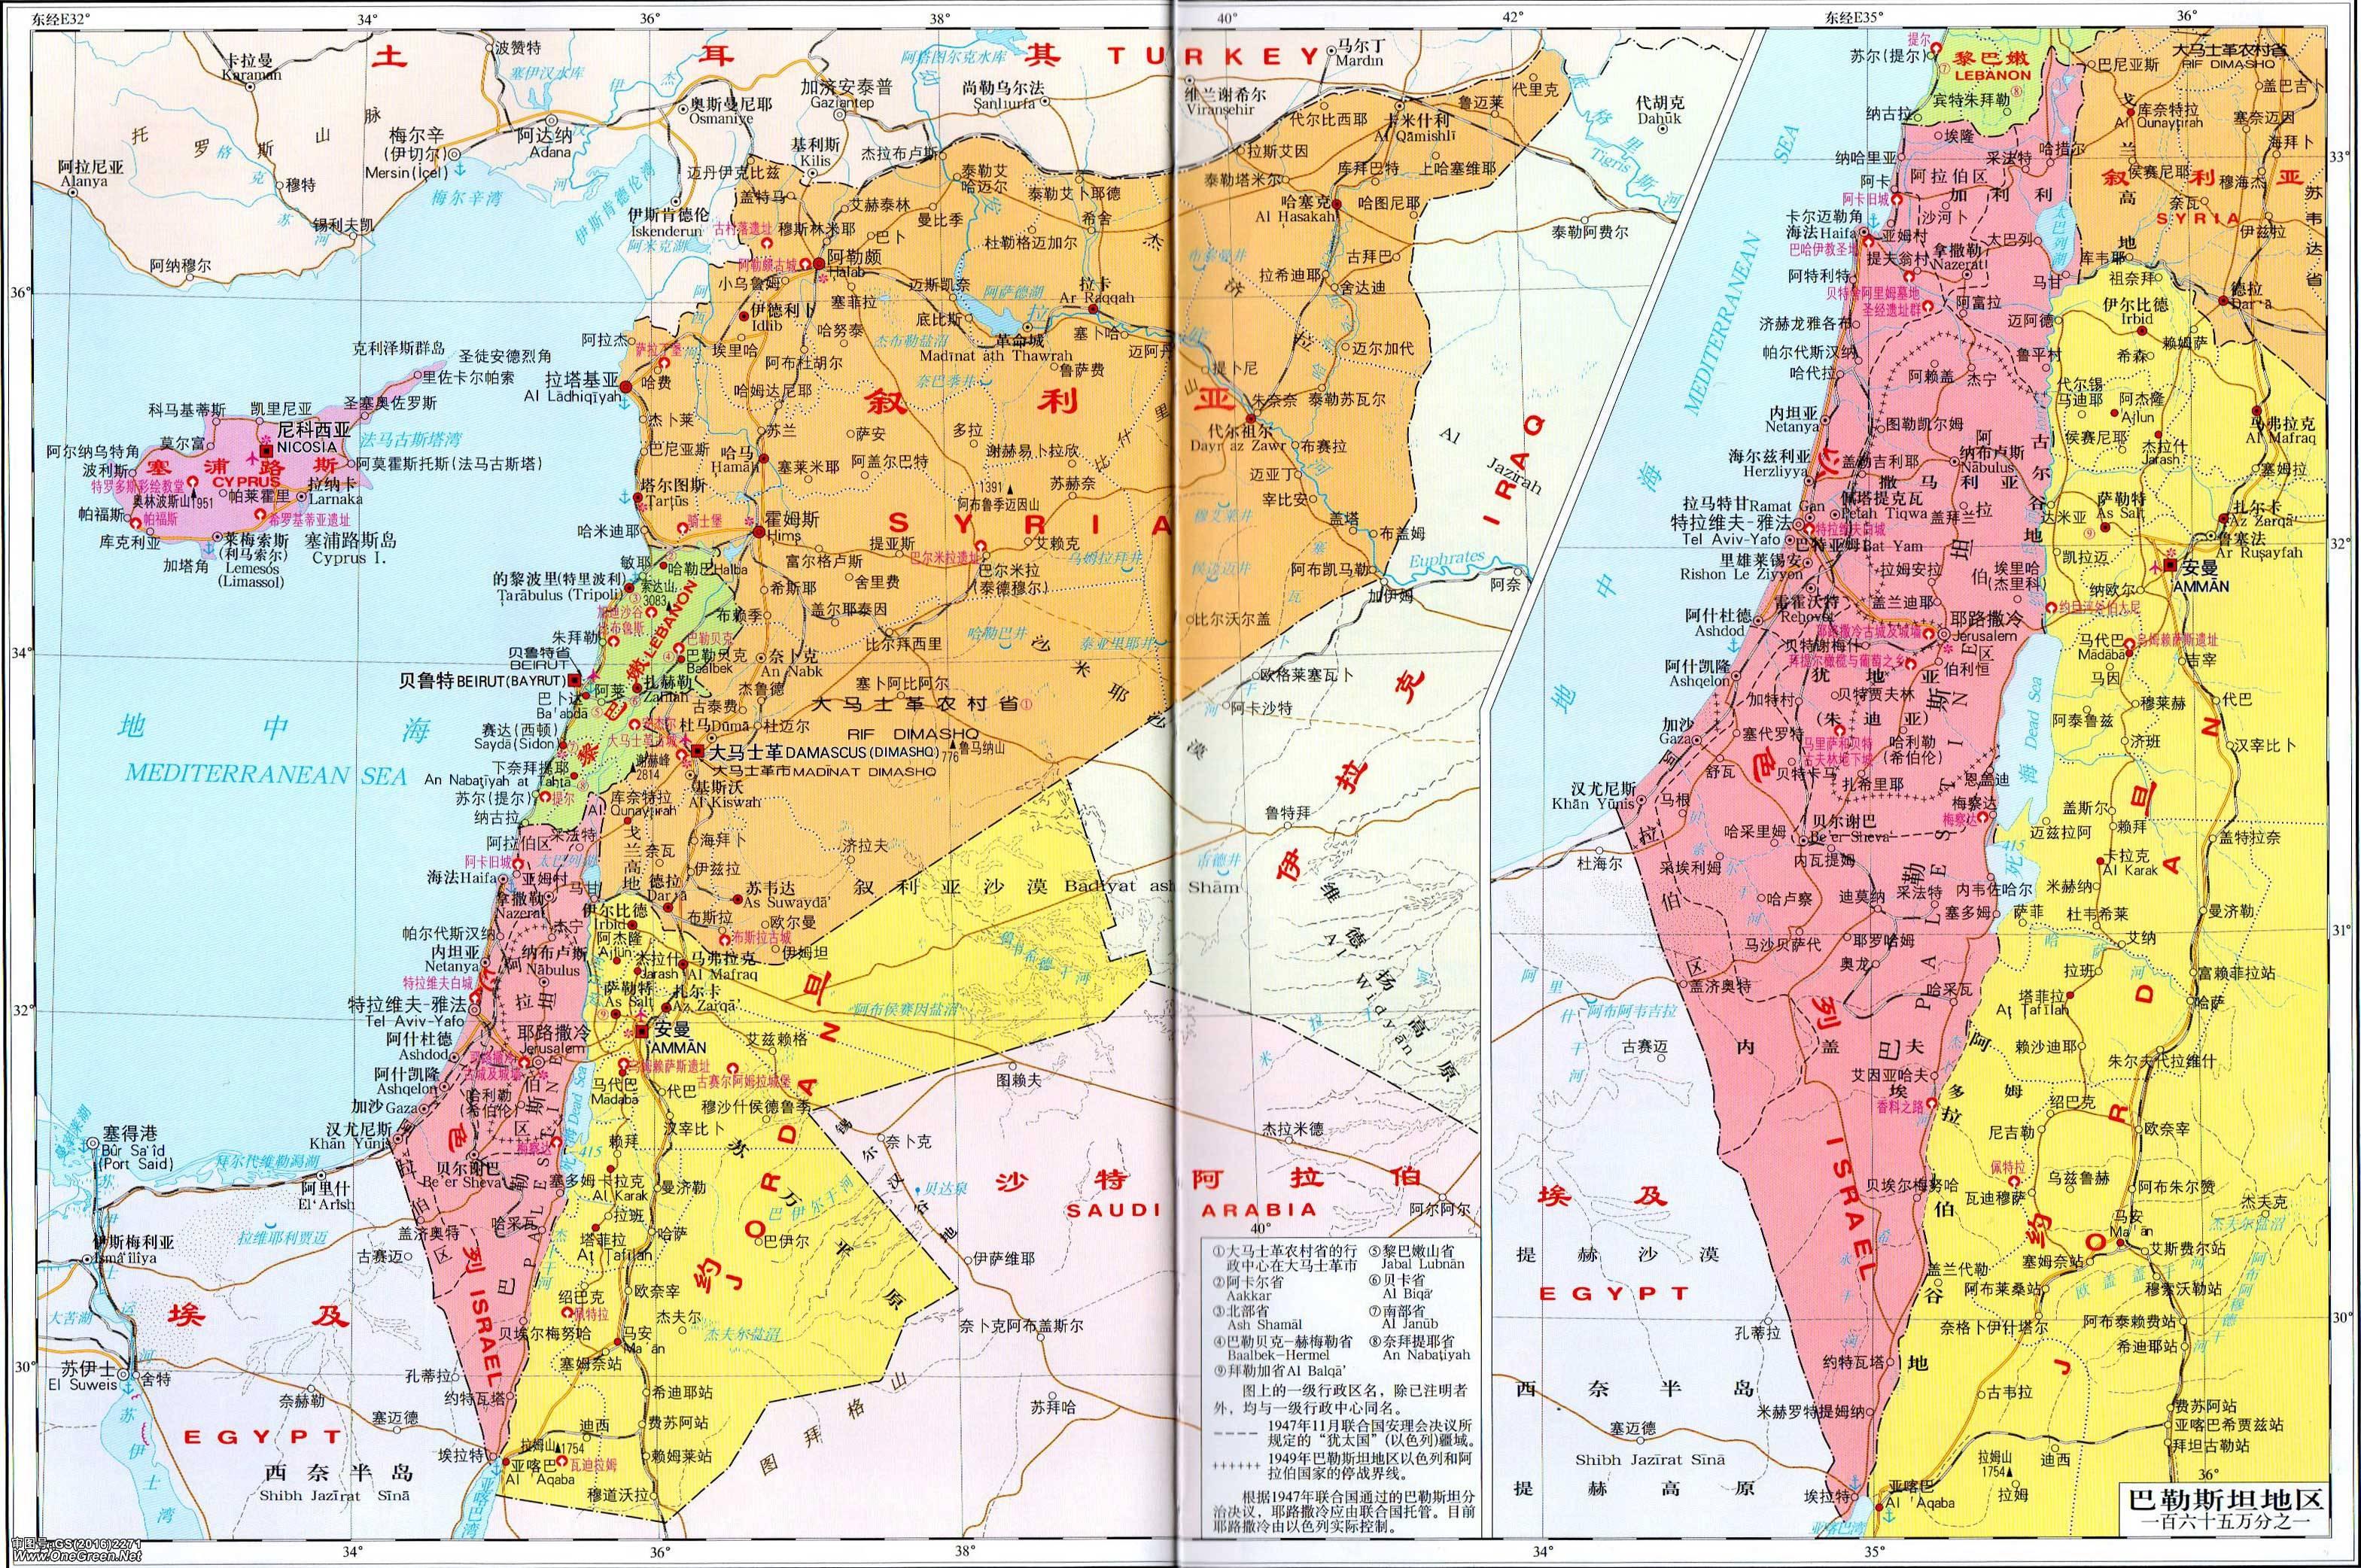 巴勒斯坦地图_巴勒斯坦地图库